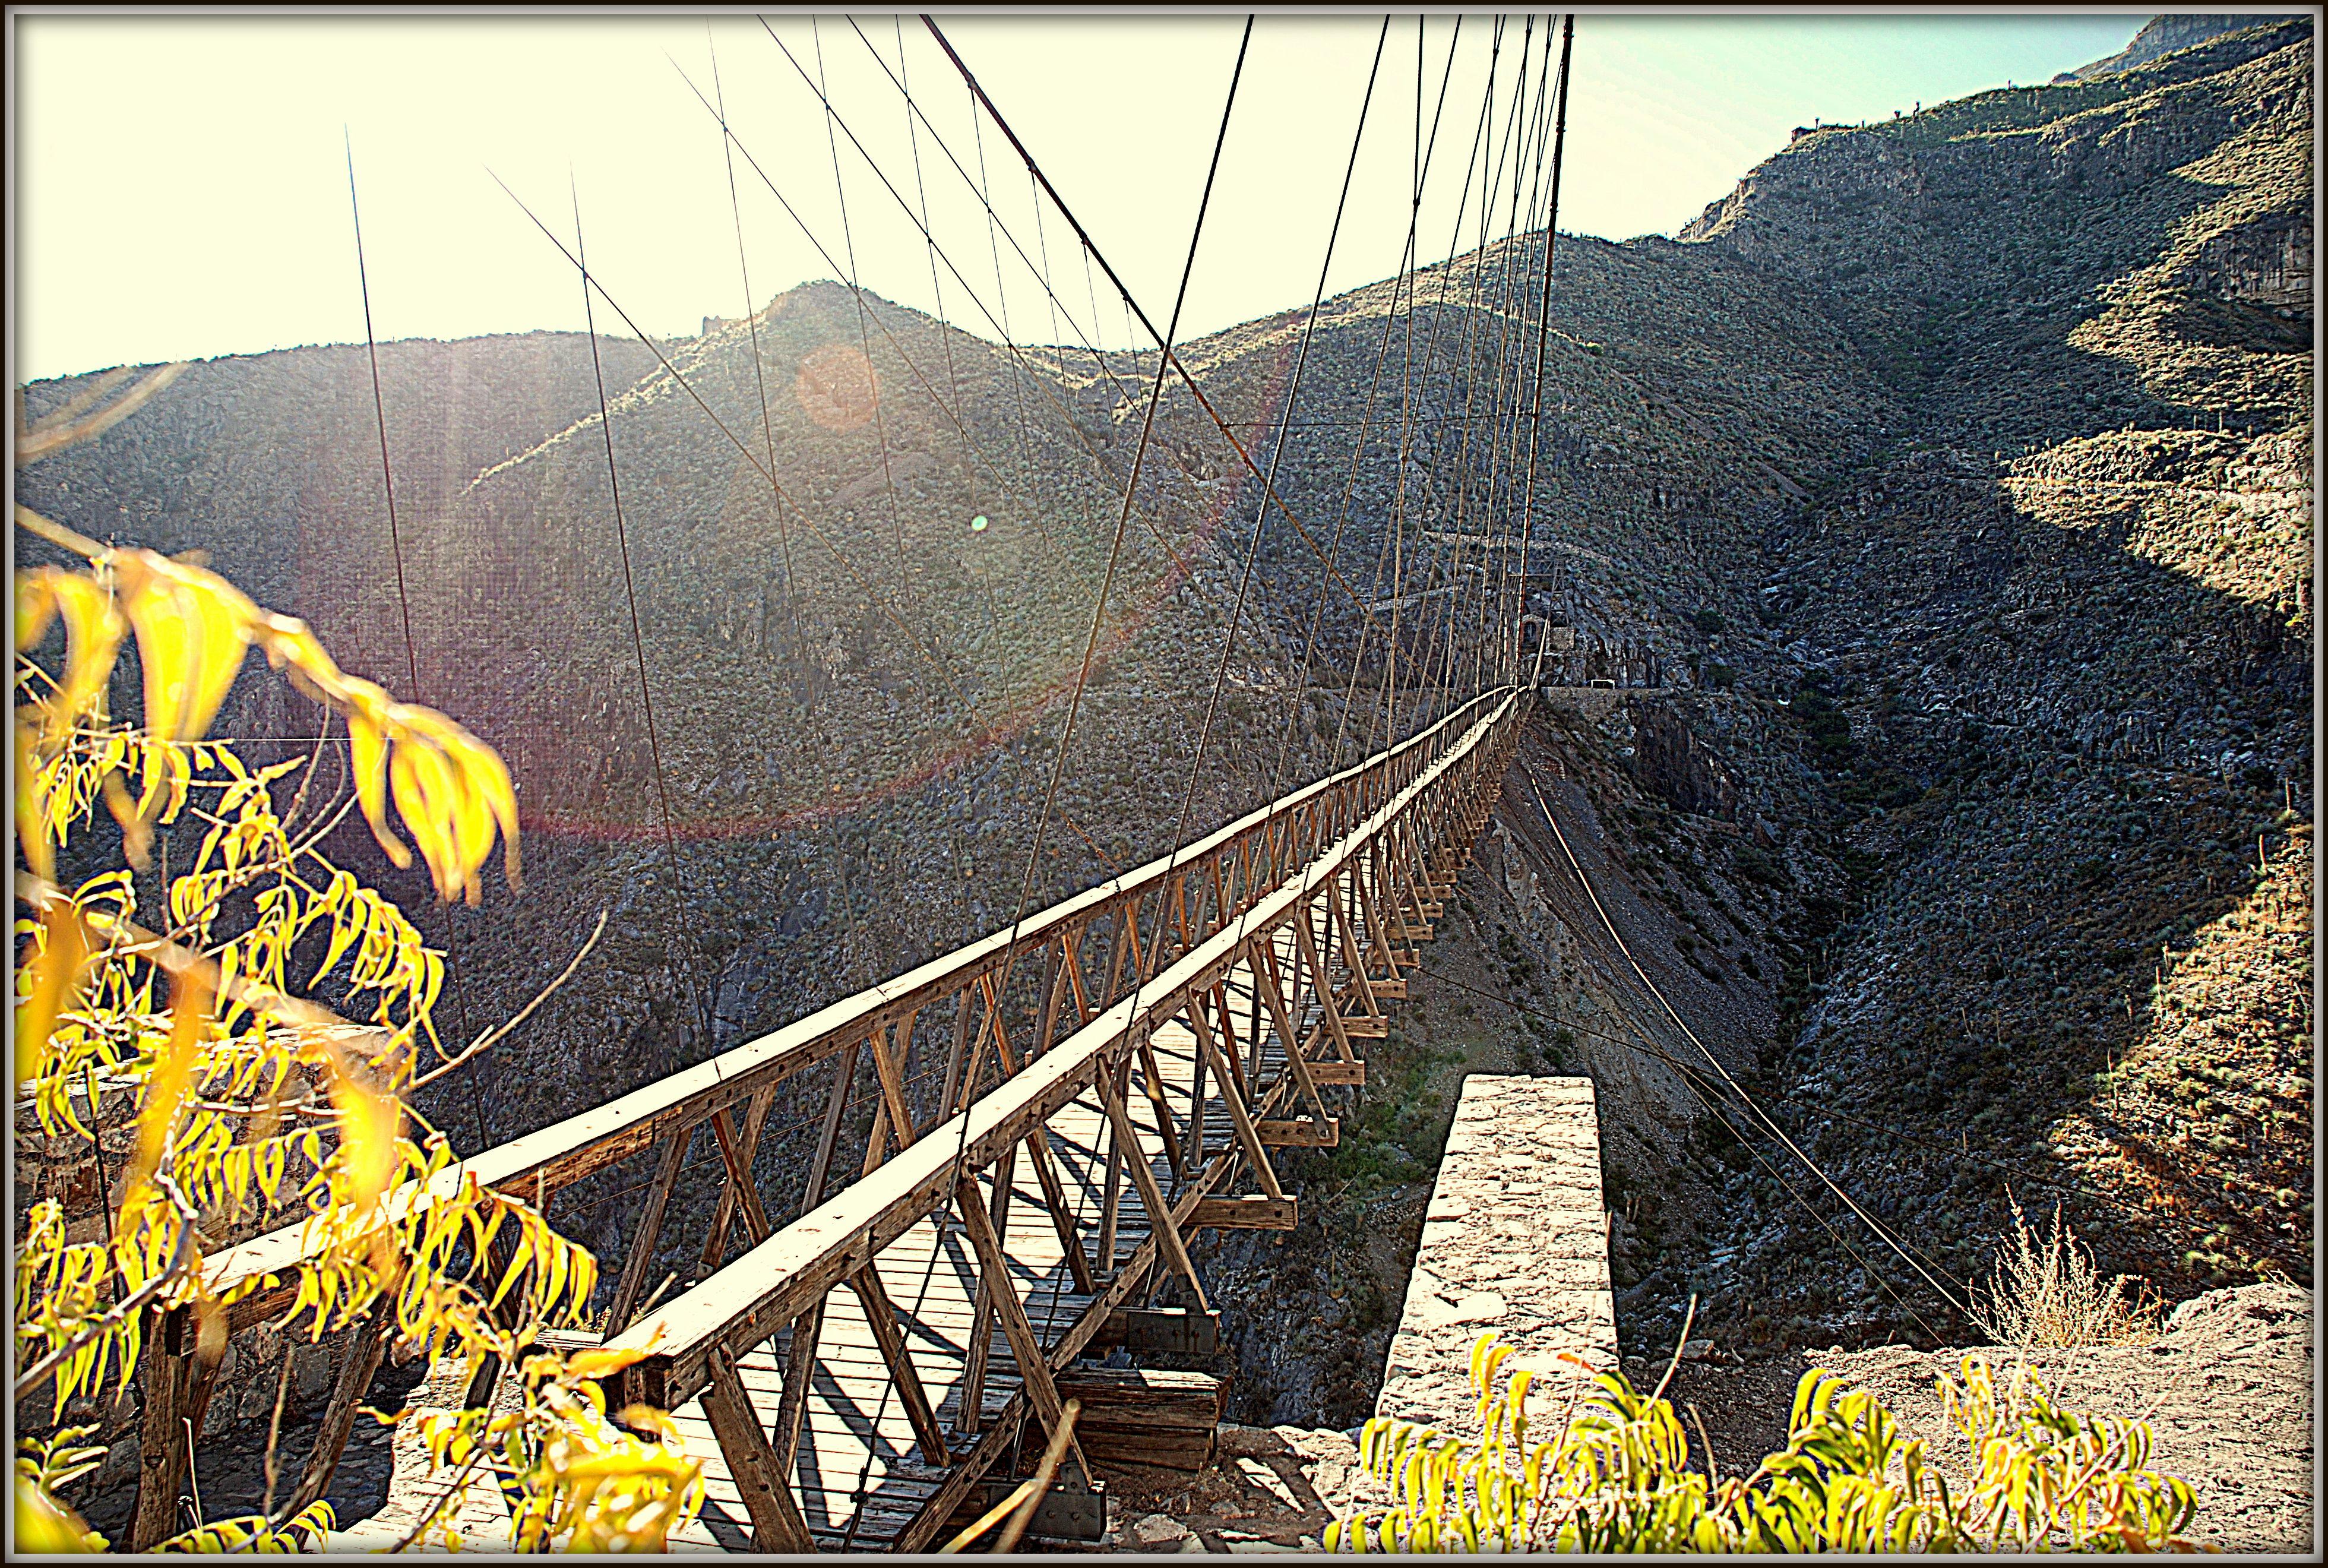 Puente de ojuela en Mapimi Durango | Puentes, Montenegro, El salvador